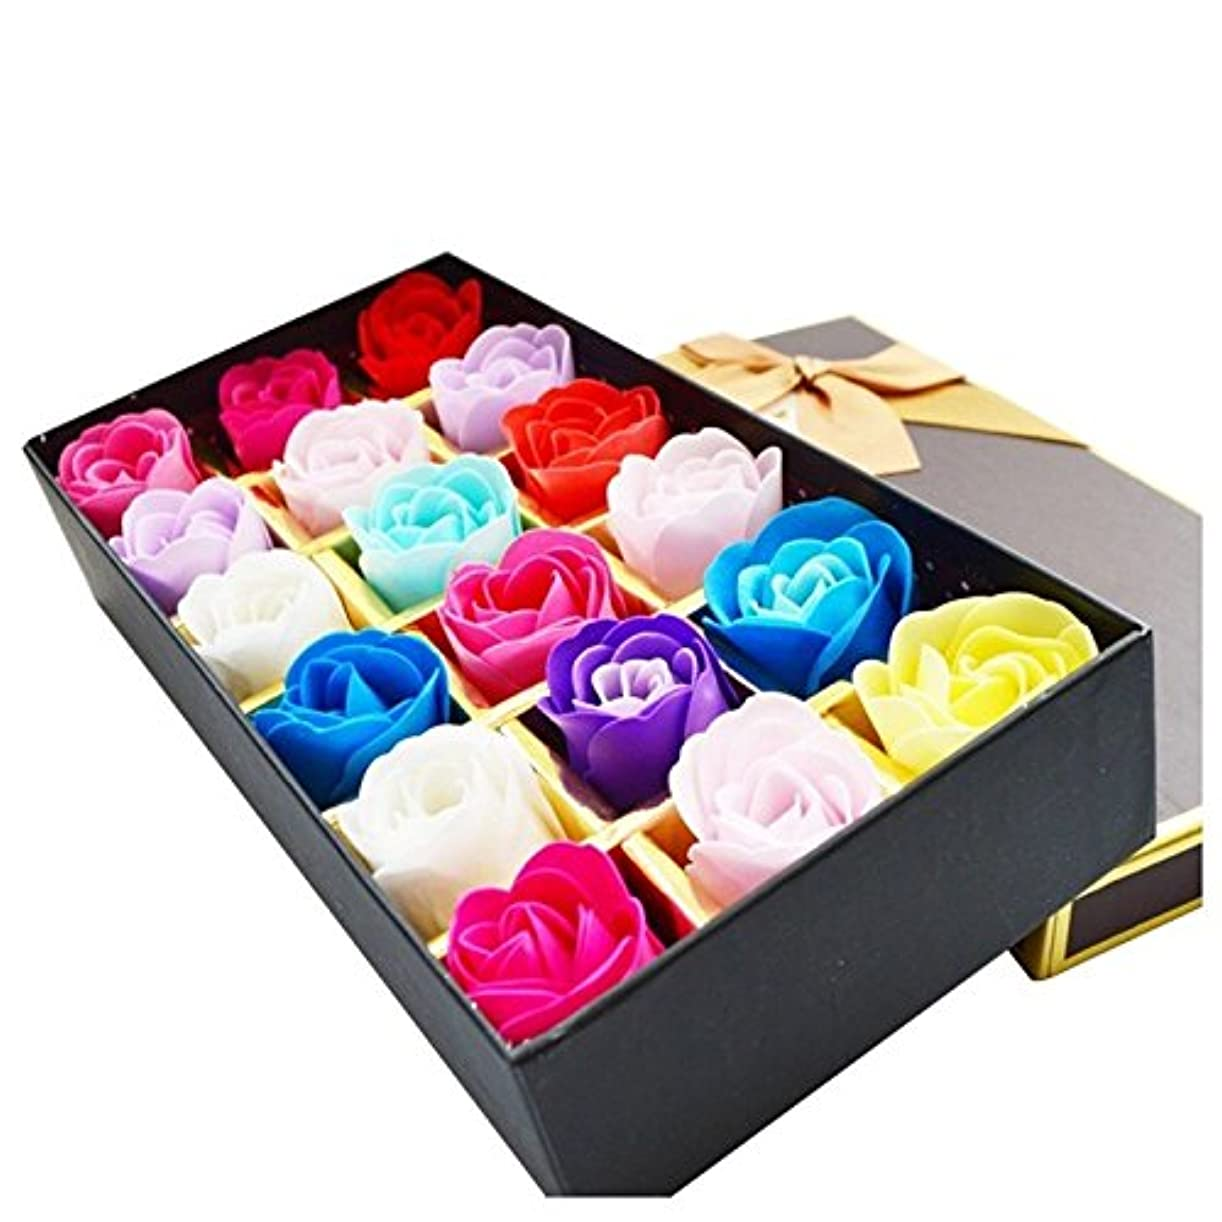 恐怖放棄発行ローズ フラワーソープ 石鹸 薔薇 プレゼント お祝い ③ #335